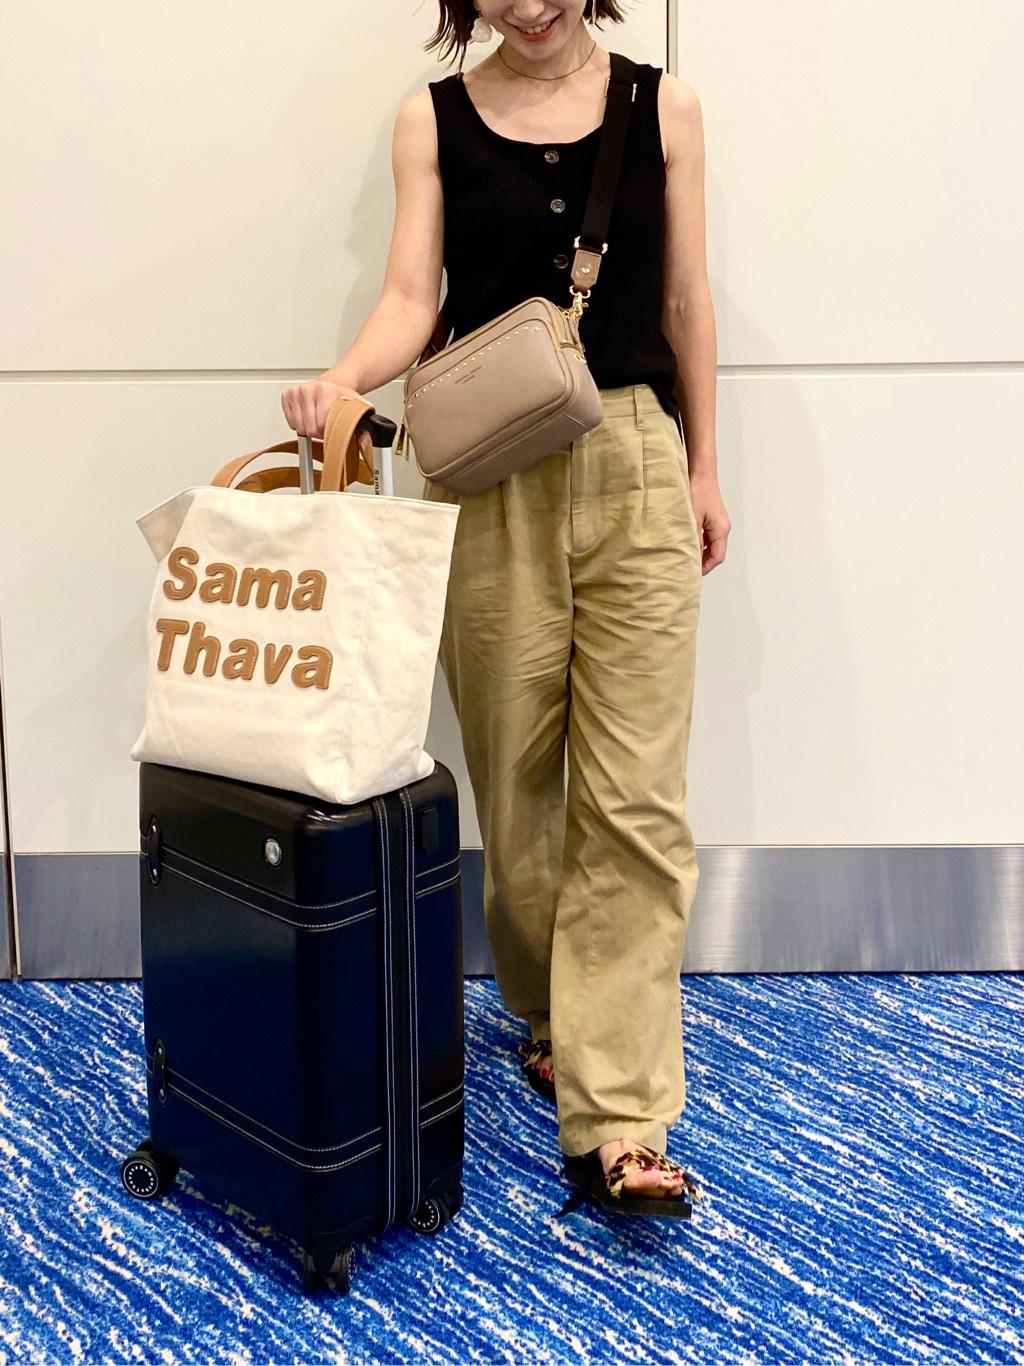 サマンサタバサスイーツ&トラベル羽田空港第2ターミナル店 Marie